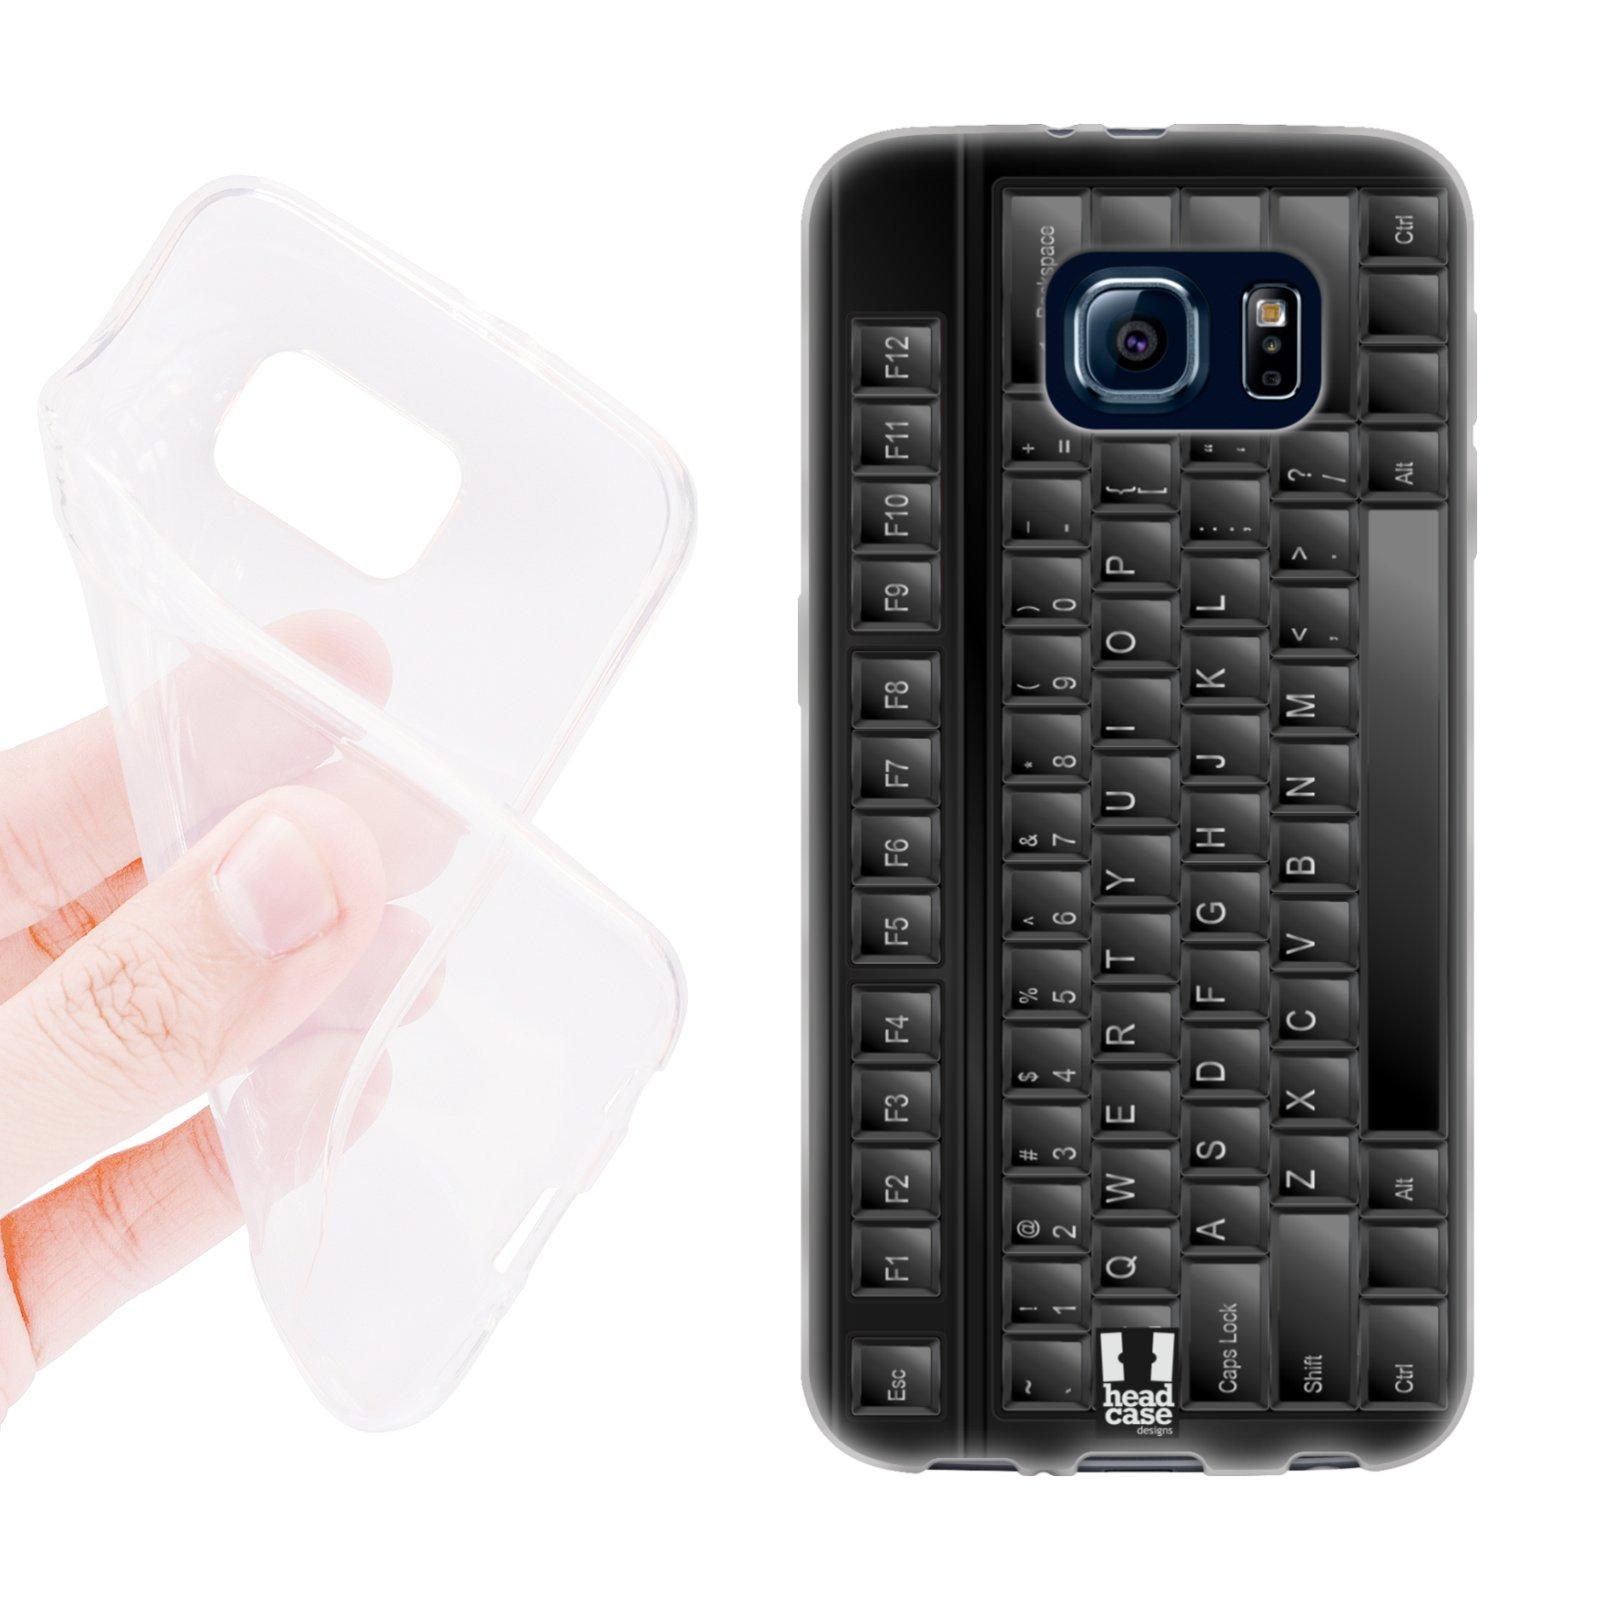 HEAD CASE silikonový obal na mobil Samsung galaxy S6 klávesnice černá